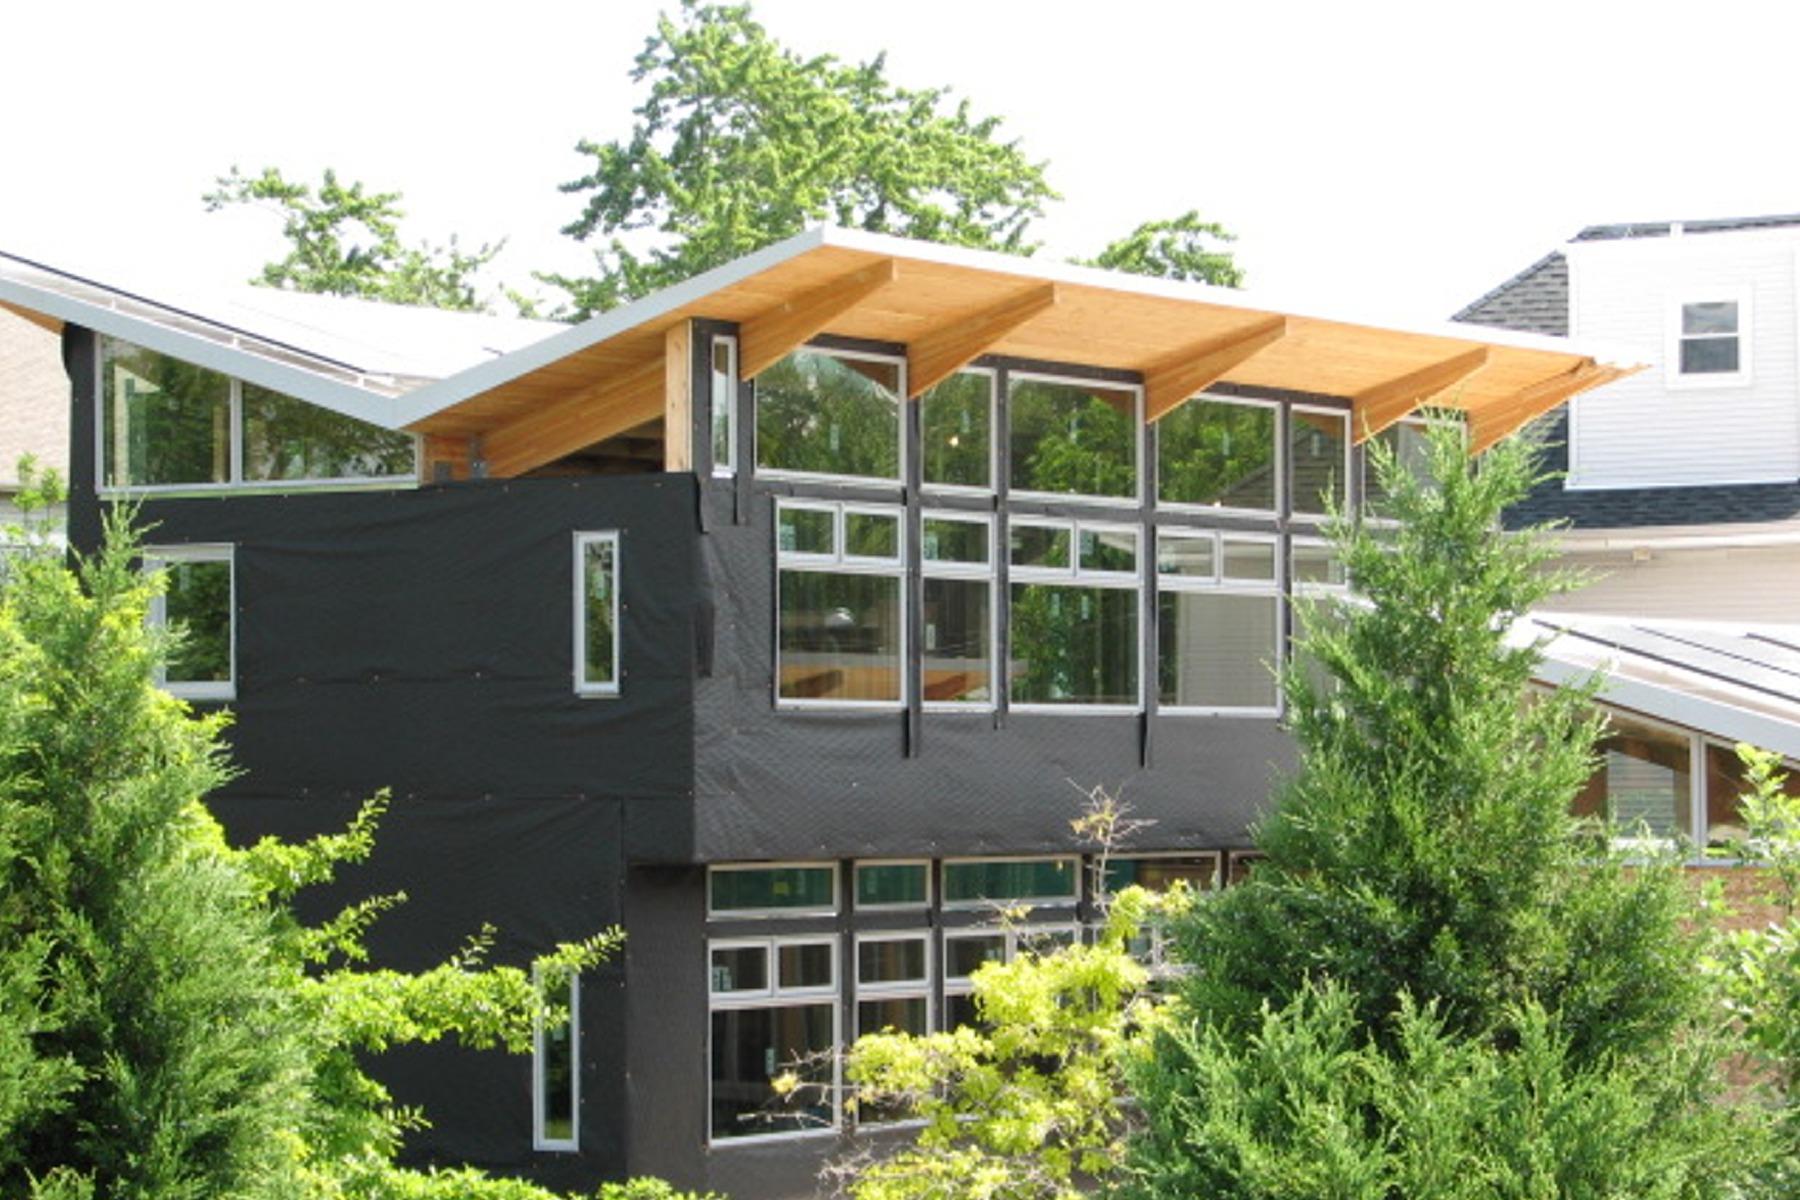 Construyendo una casa libre de la red de suministro de energía